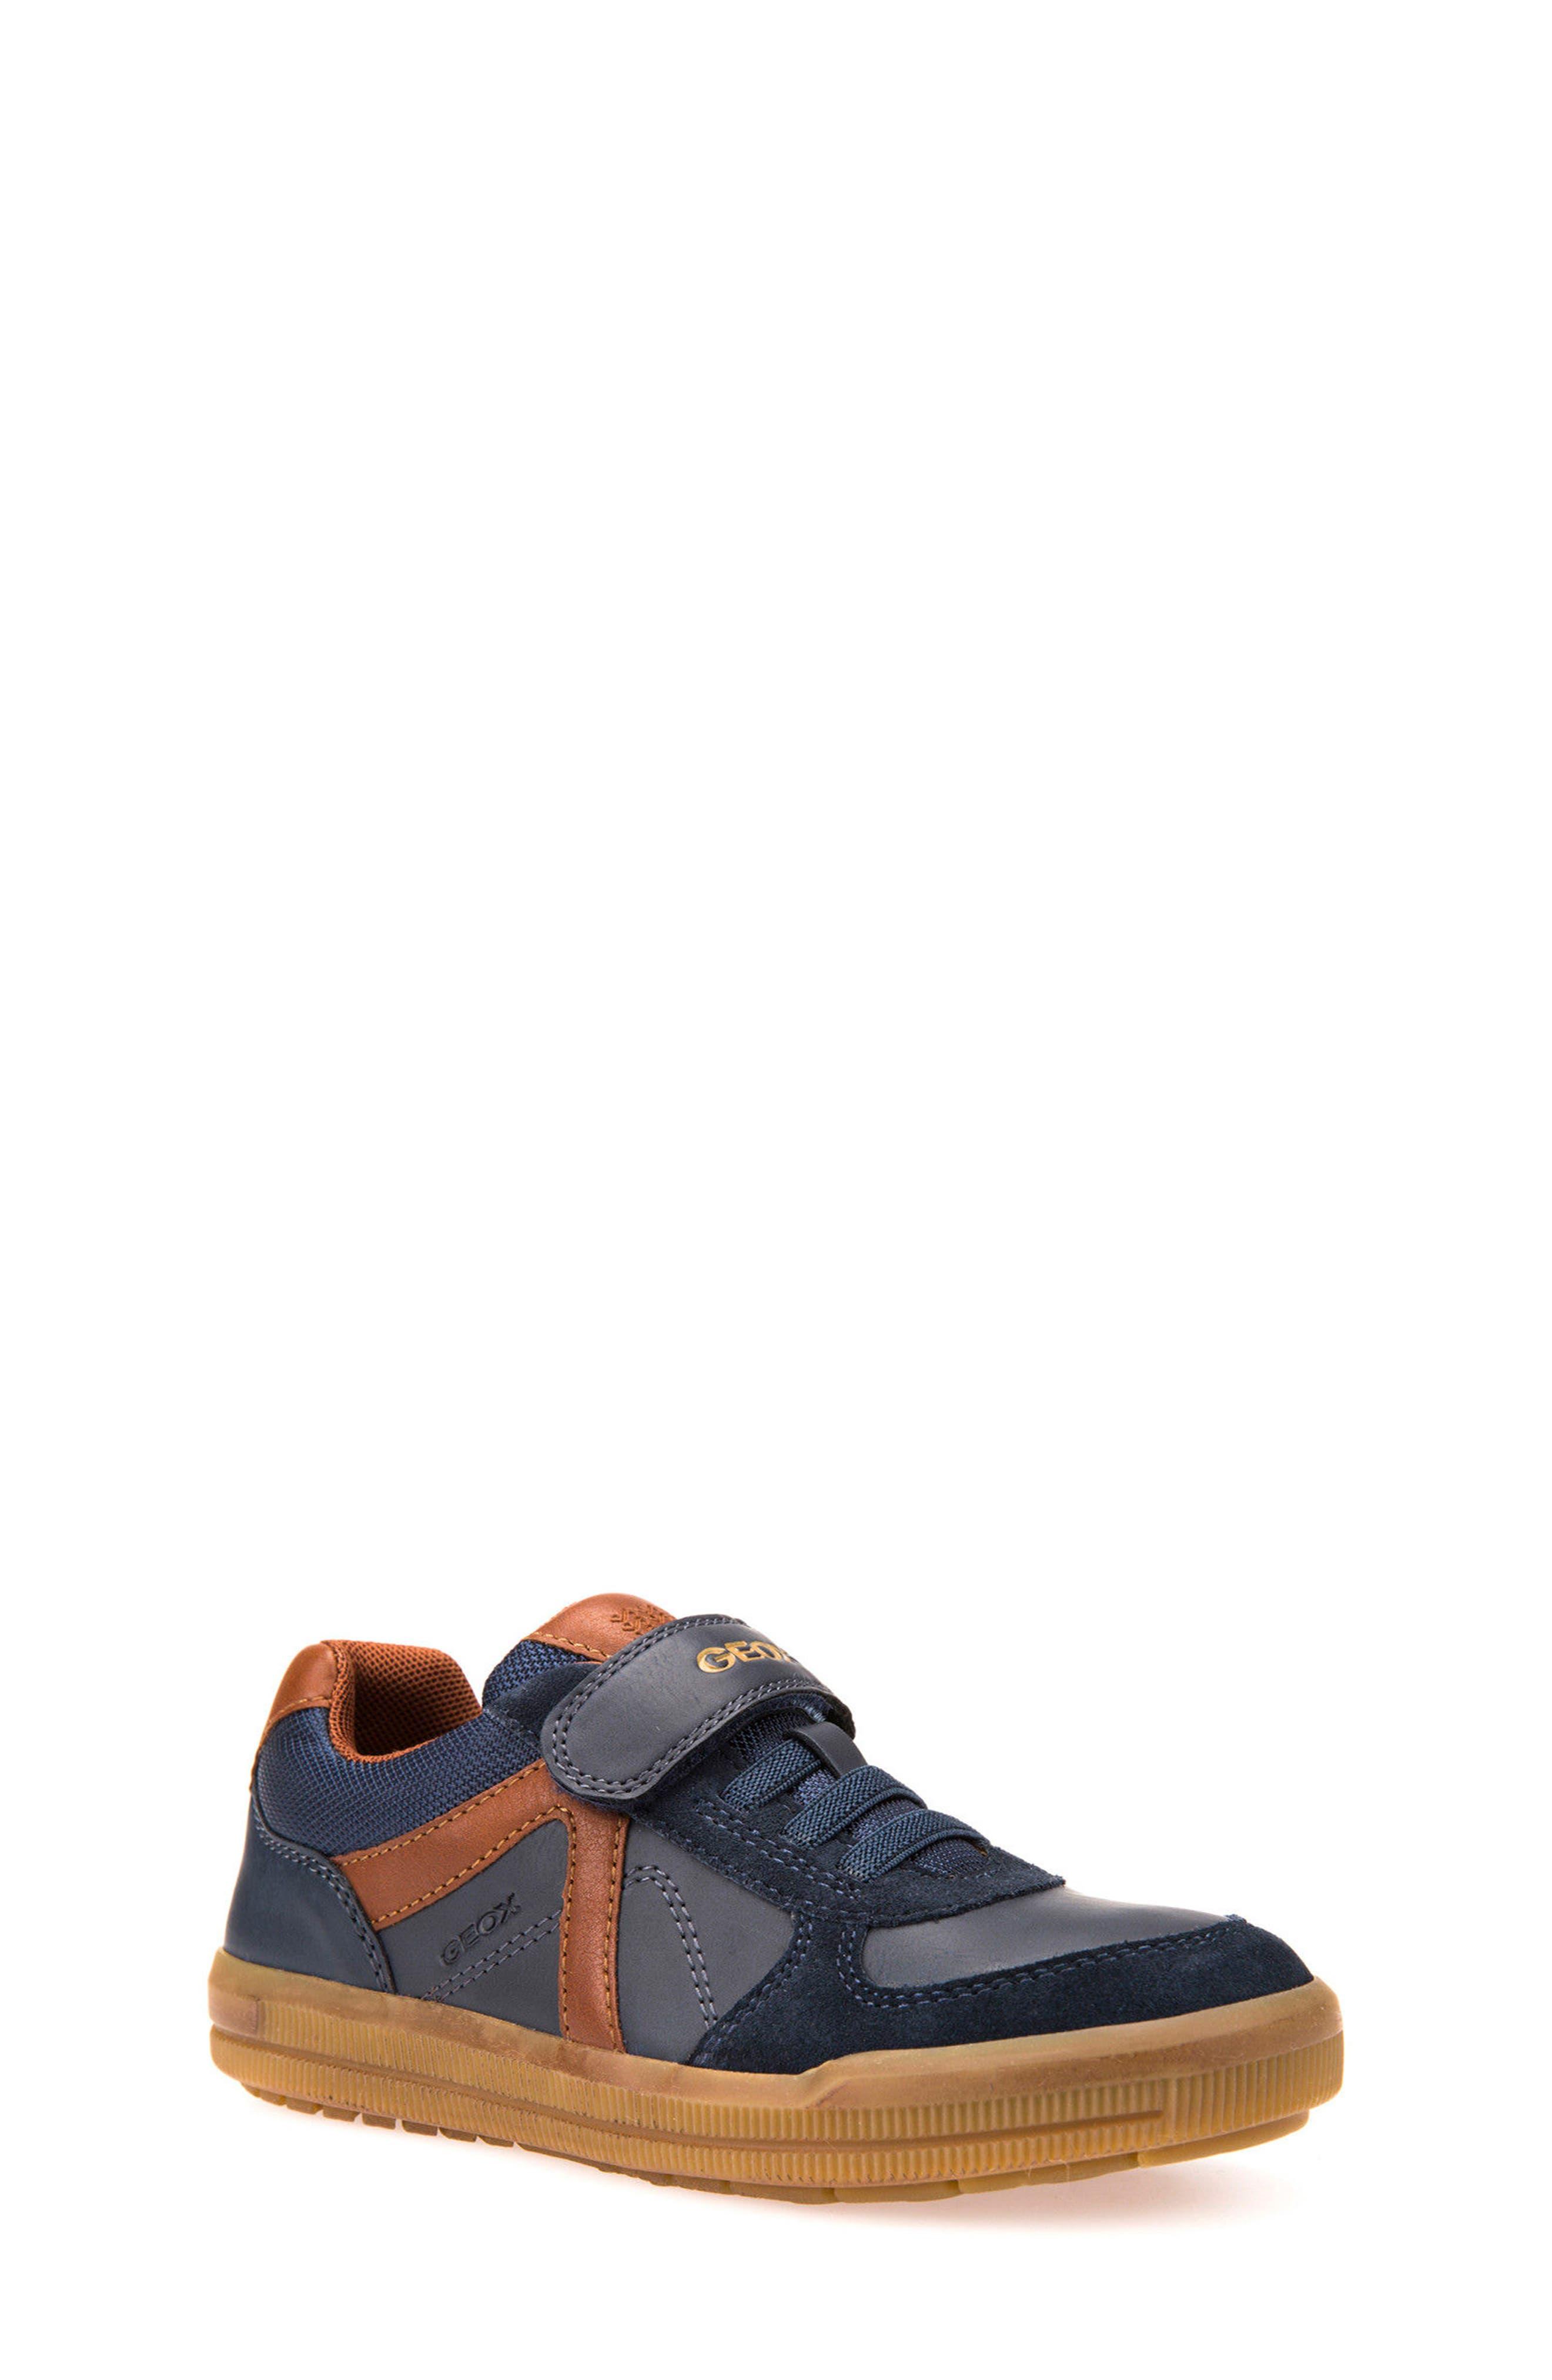 Arzach Low Top Sneaker,                         Main,                         color, Navy/ Brown